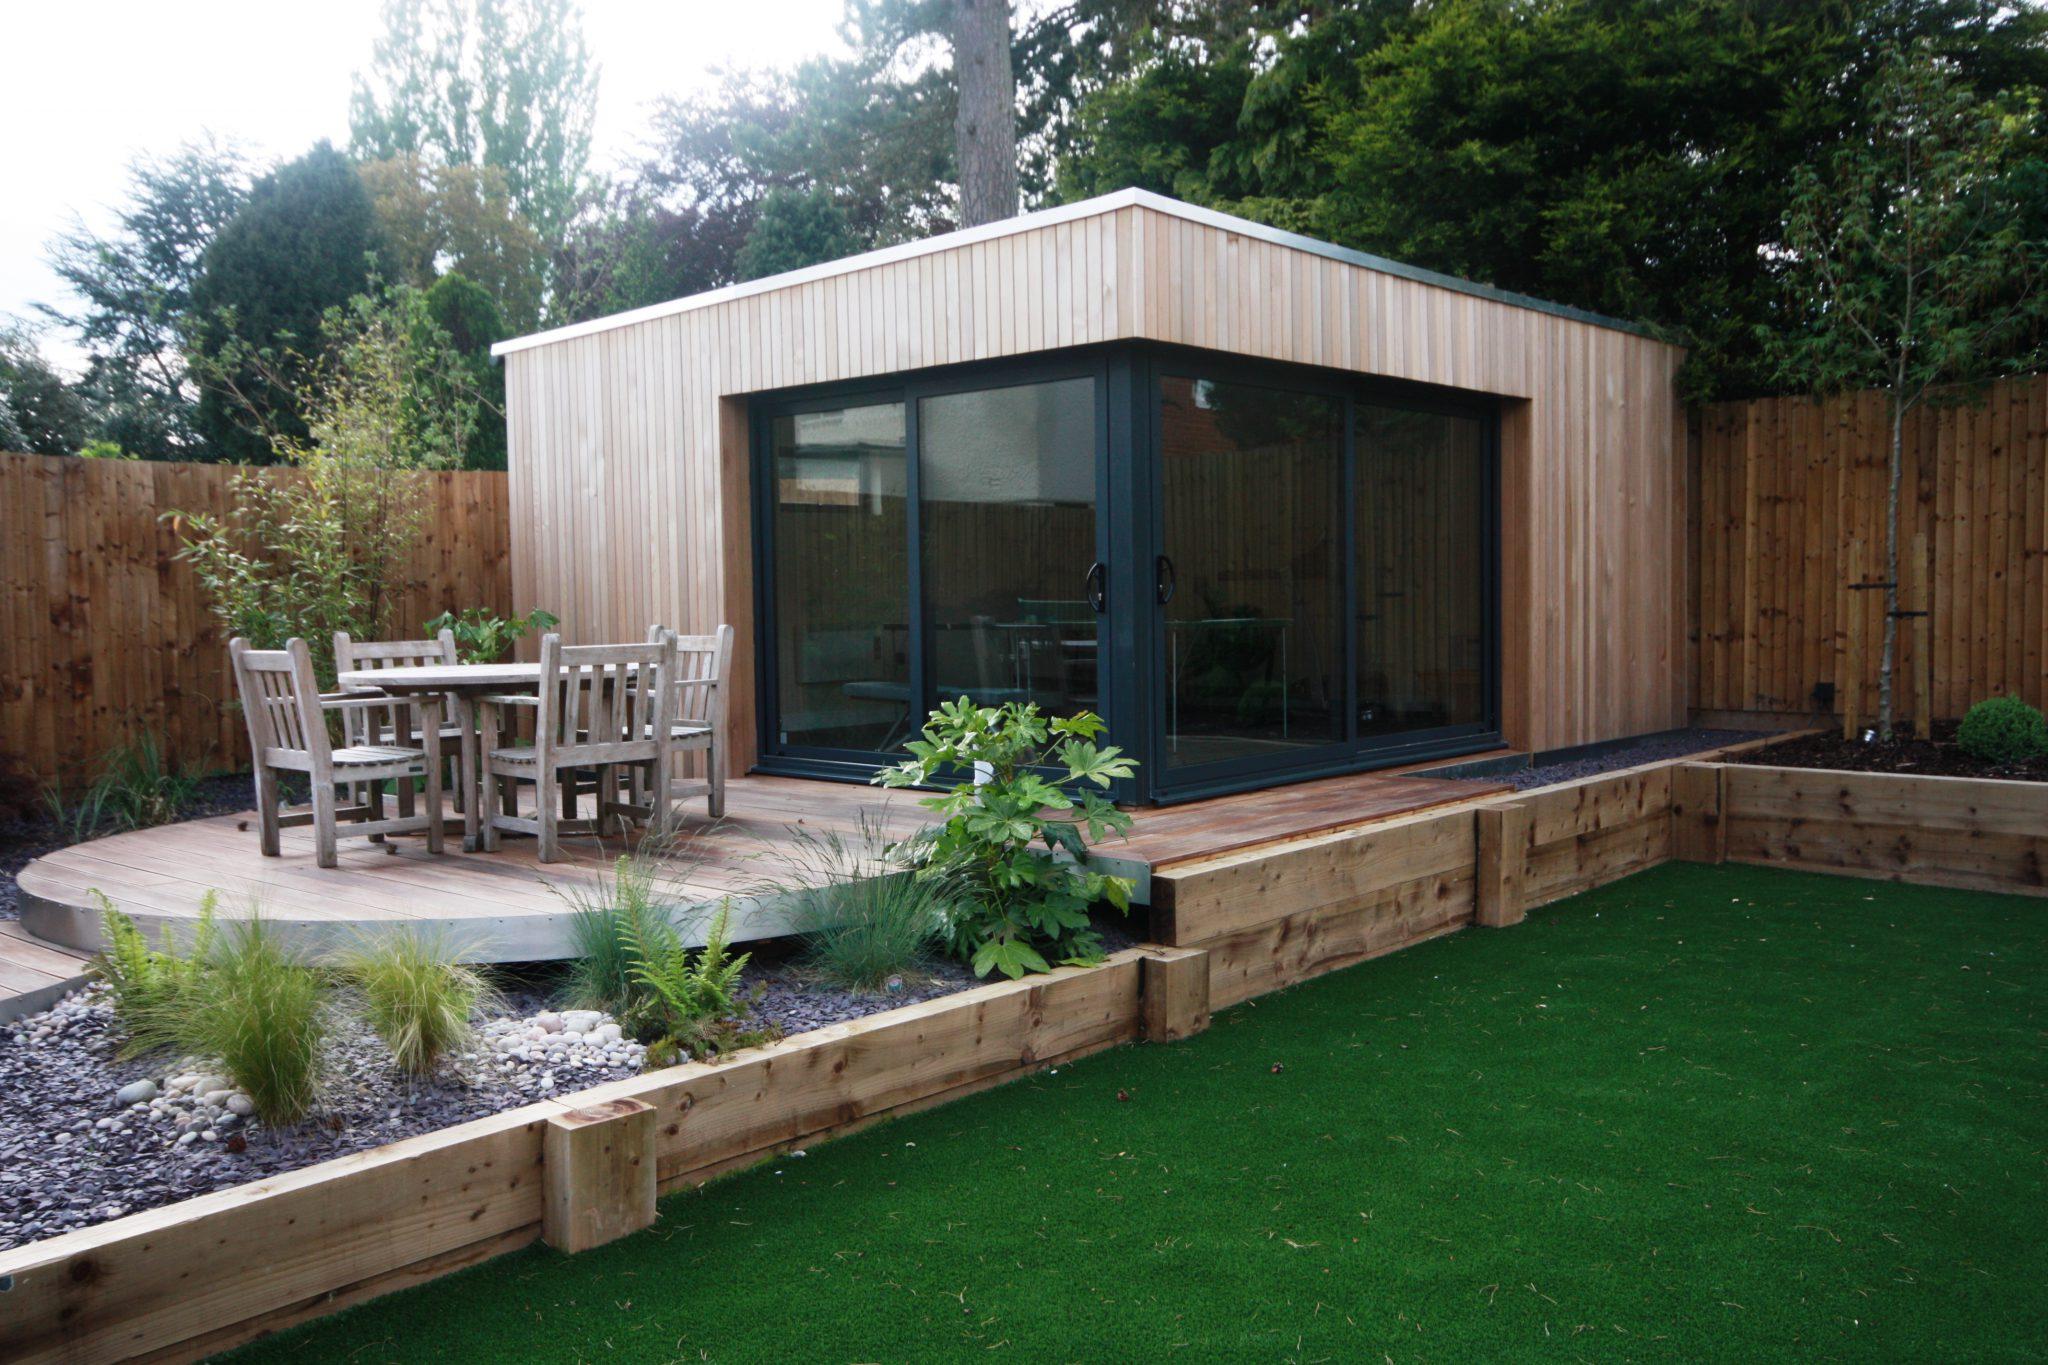 Garden rooms photo gallery of buildings by swift garden for Luxury garden rooms